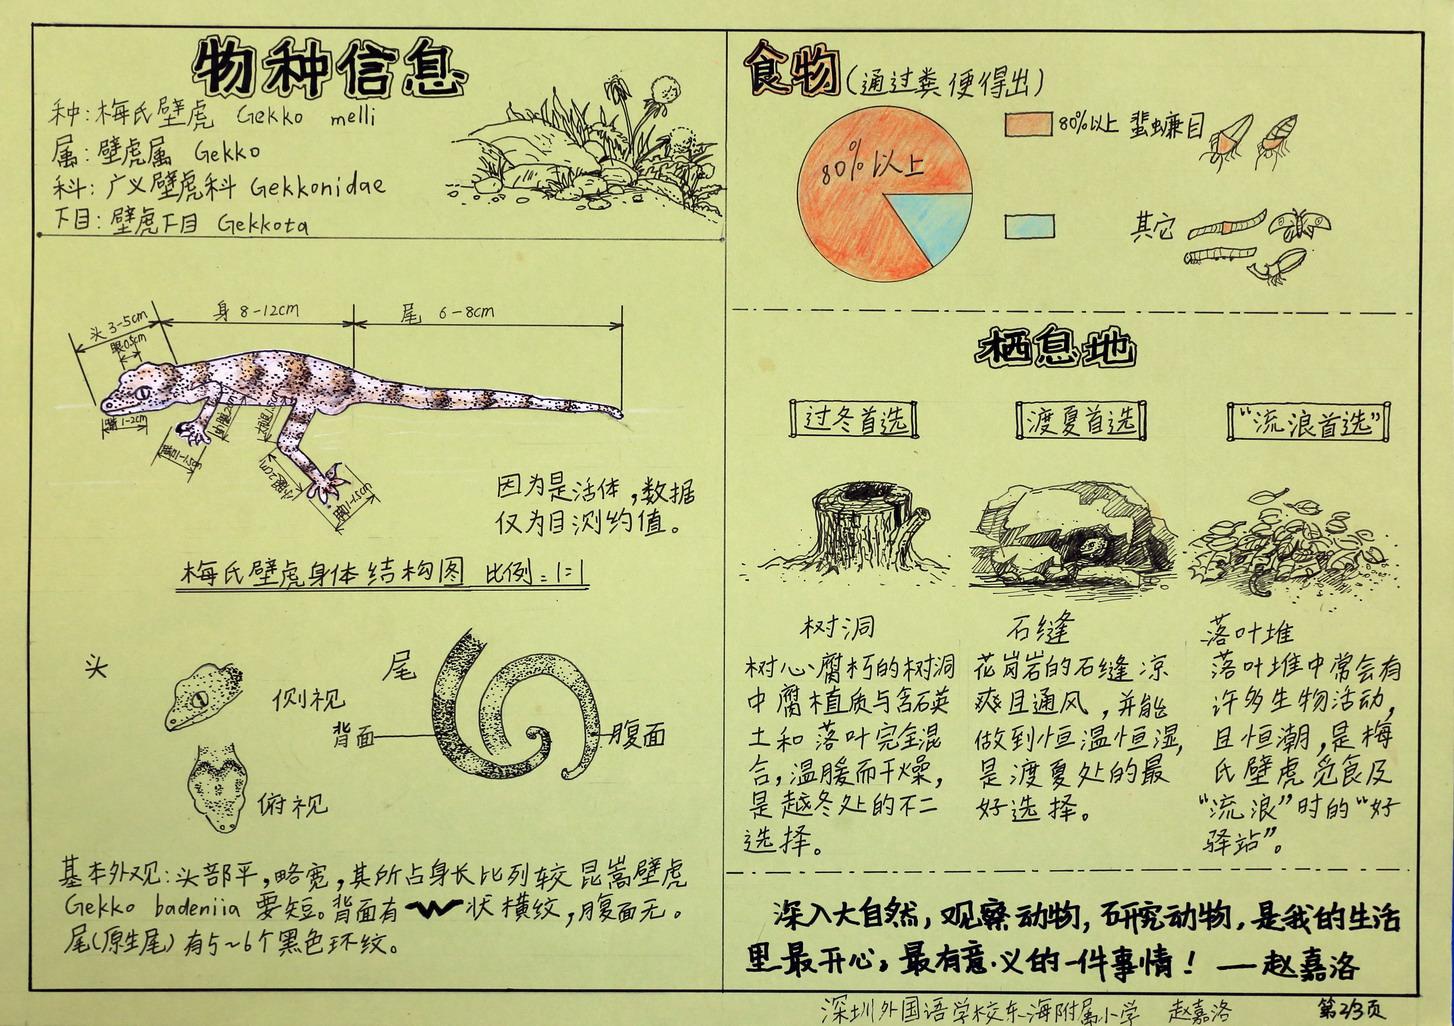 13梅氏壁虎2_赵嘉洛